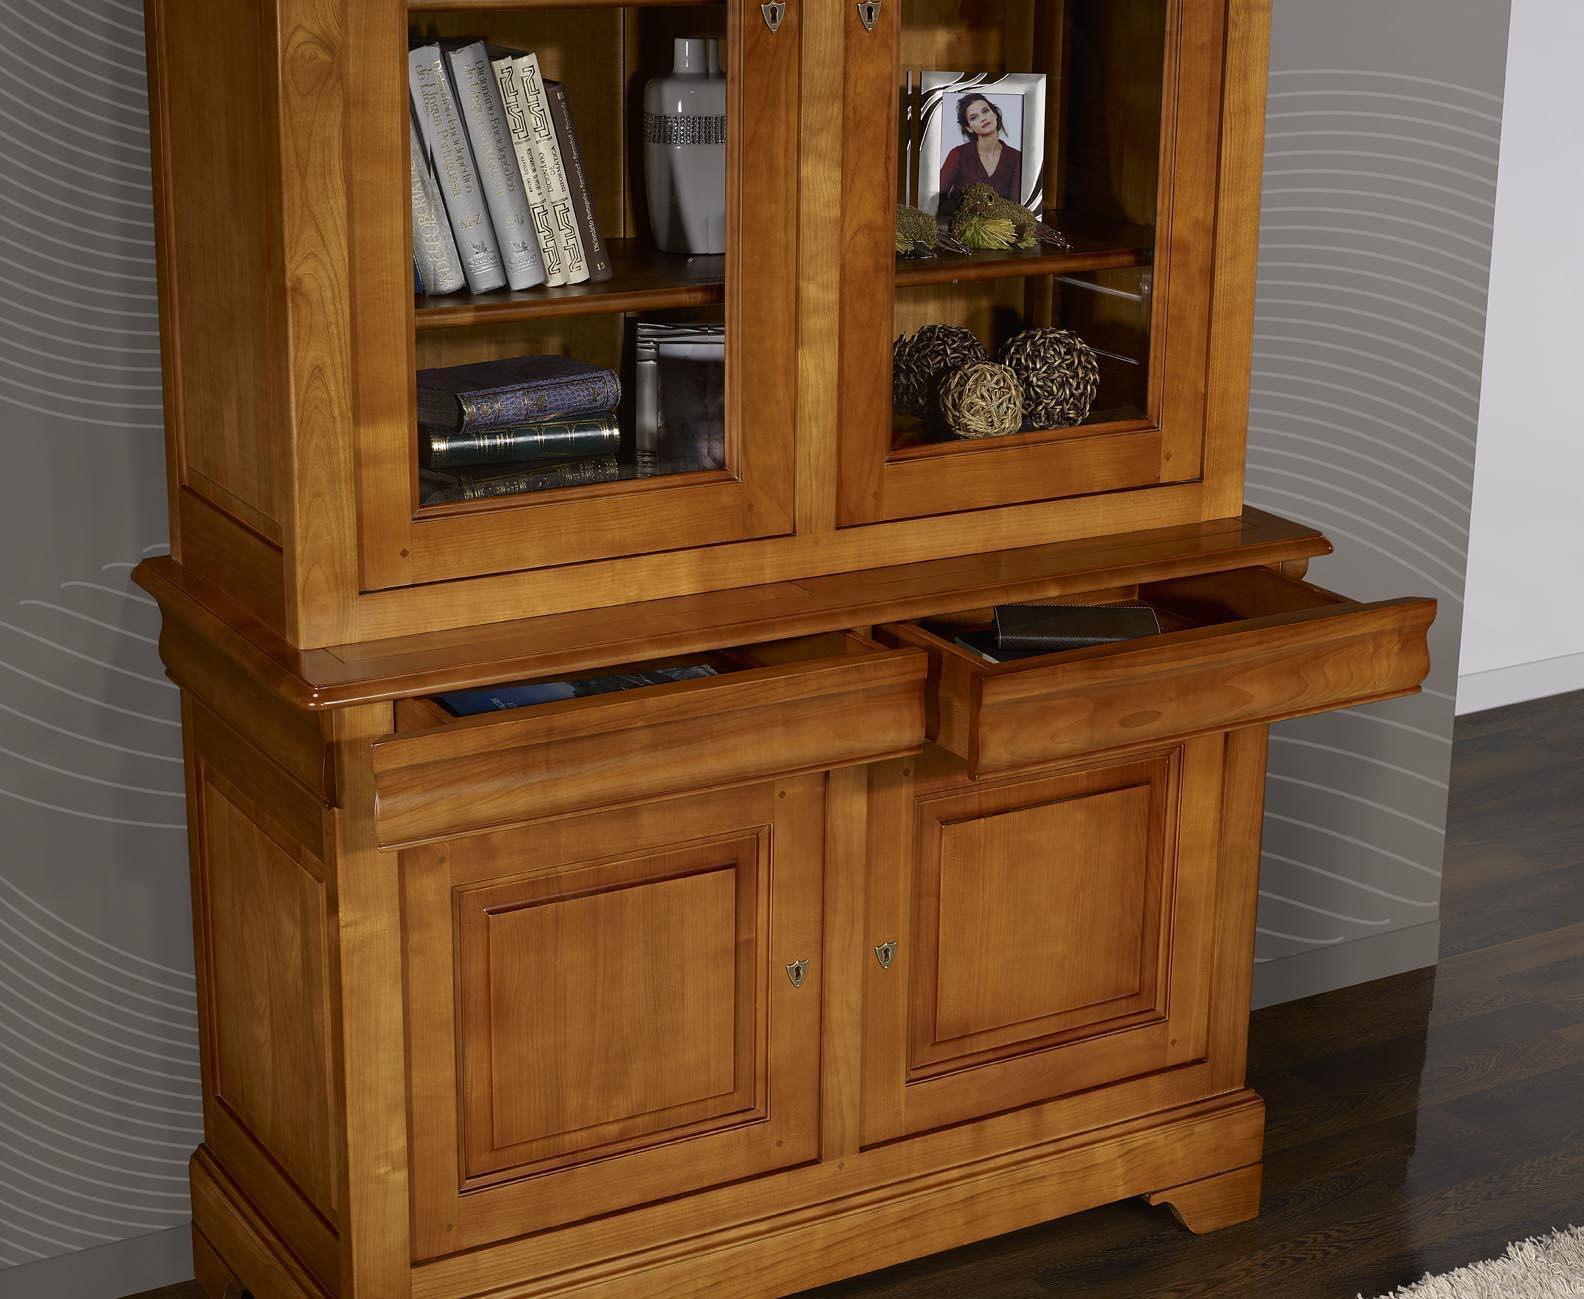 Biblioth que 2 corps 2 portes en merisier massif de style louis philippe largeur 130 cm meuble - Meuble merisier style louis philippe ...